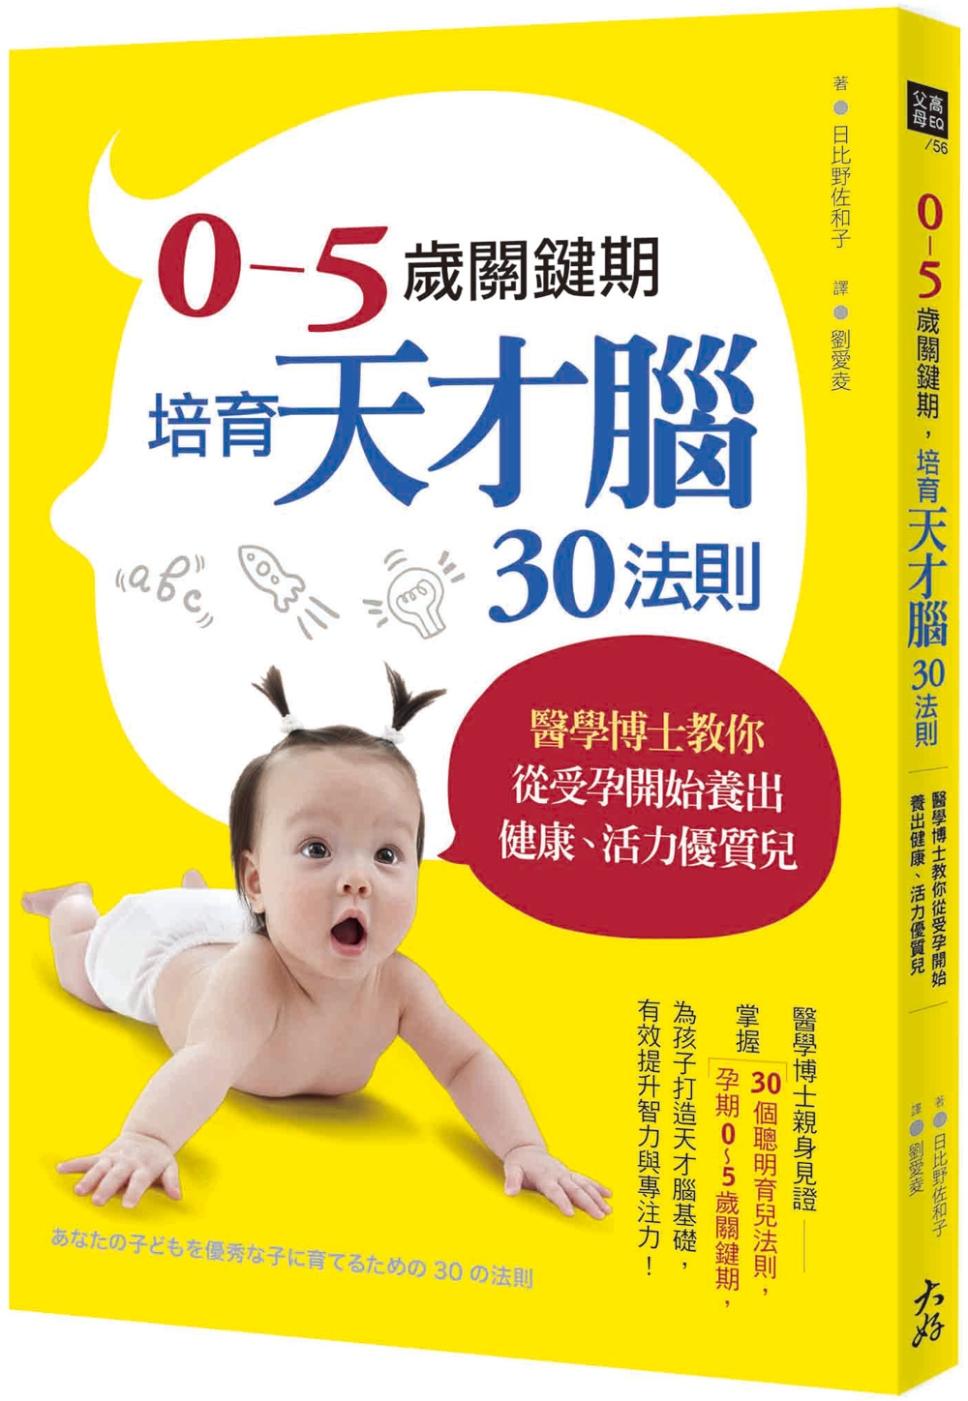 0~5歲關鍵期,培育天才腦30法則: 醫學博士教你從受孕開始養出健康、活力優質兒